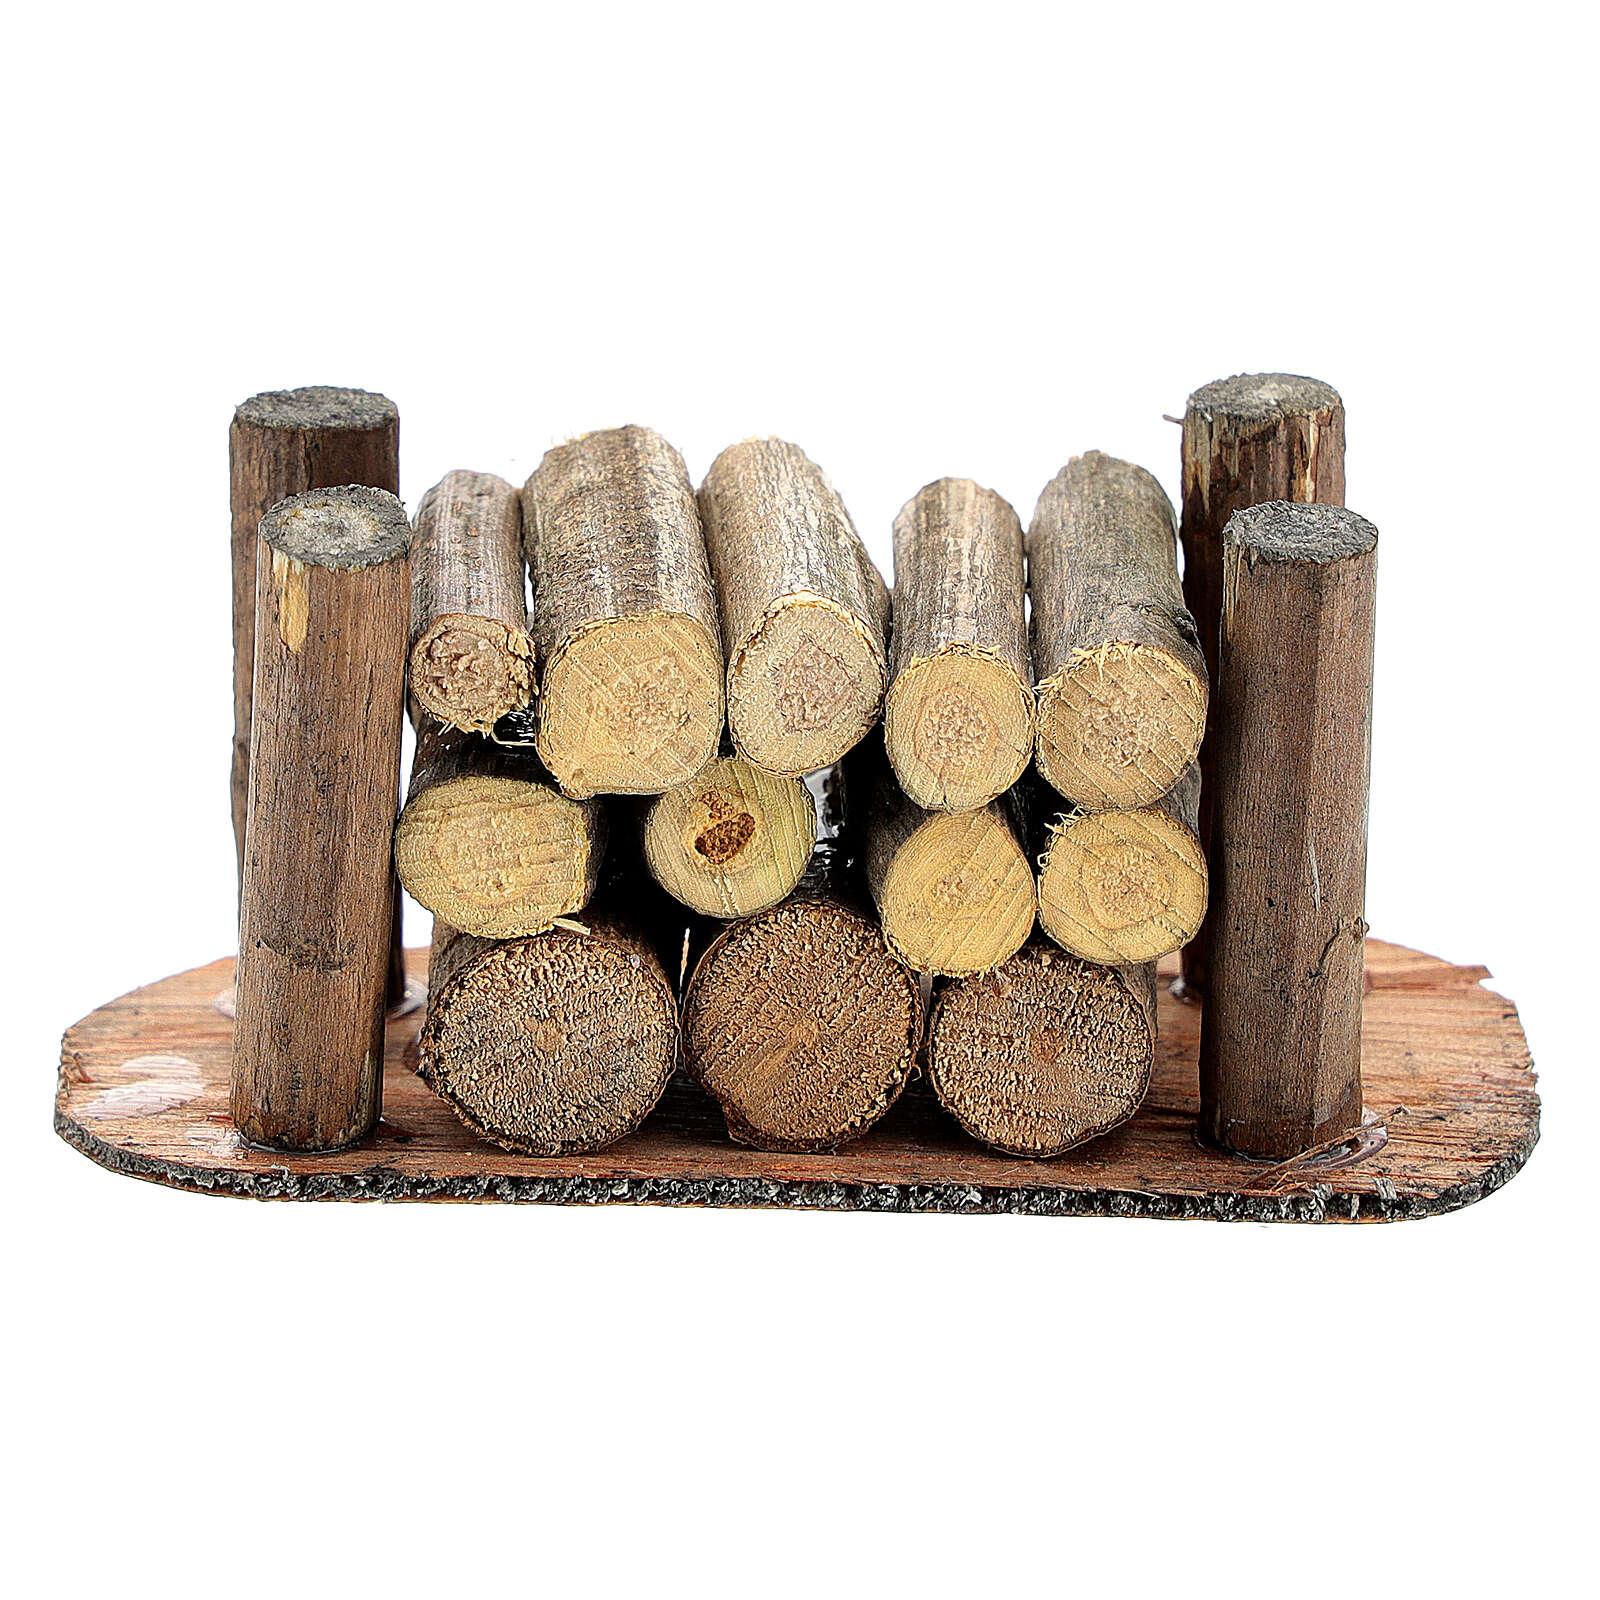 Holzstapel für die Selber-Bauen-Krippe 4